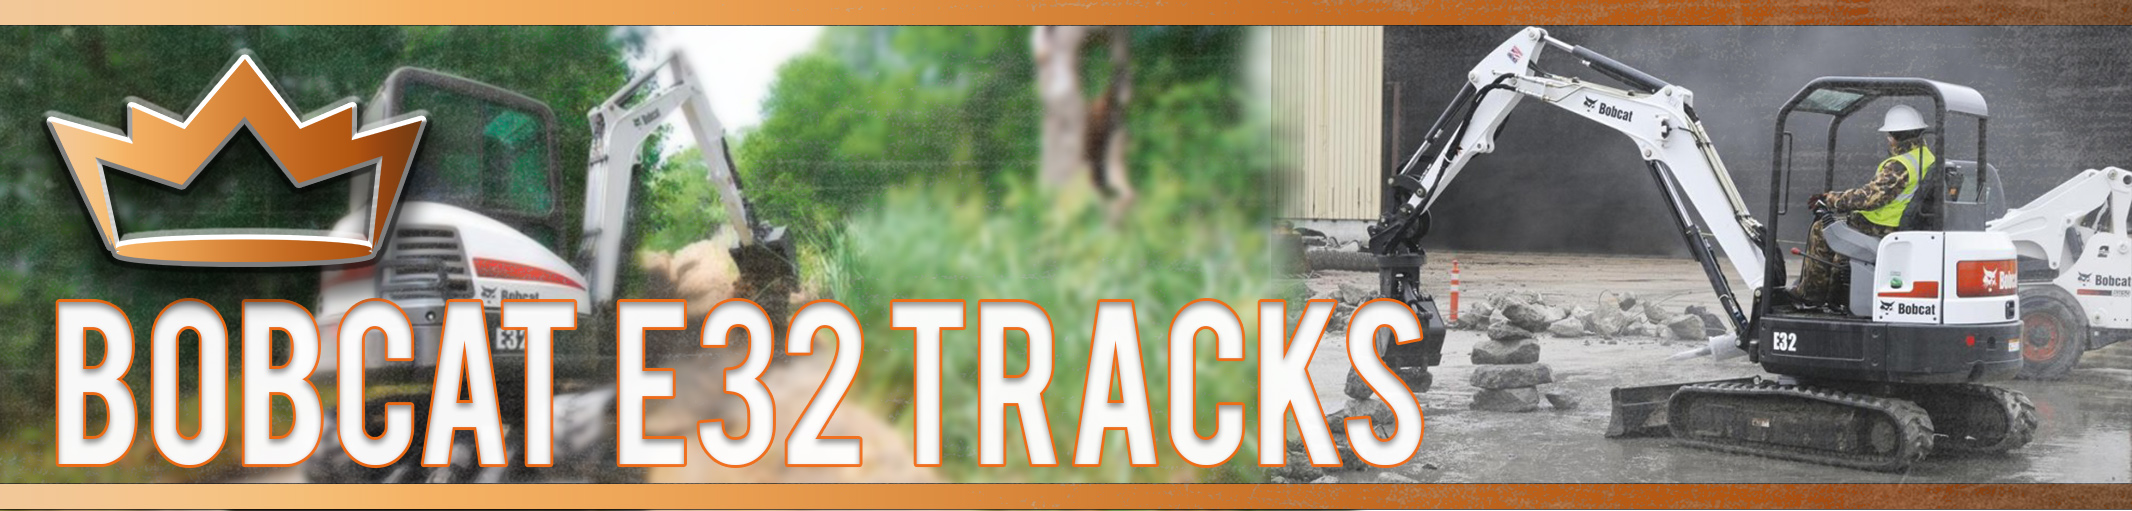 Bobcat E32 Tracks